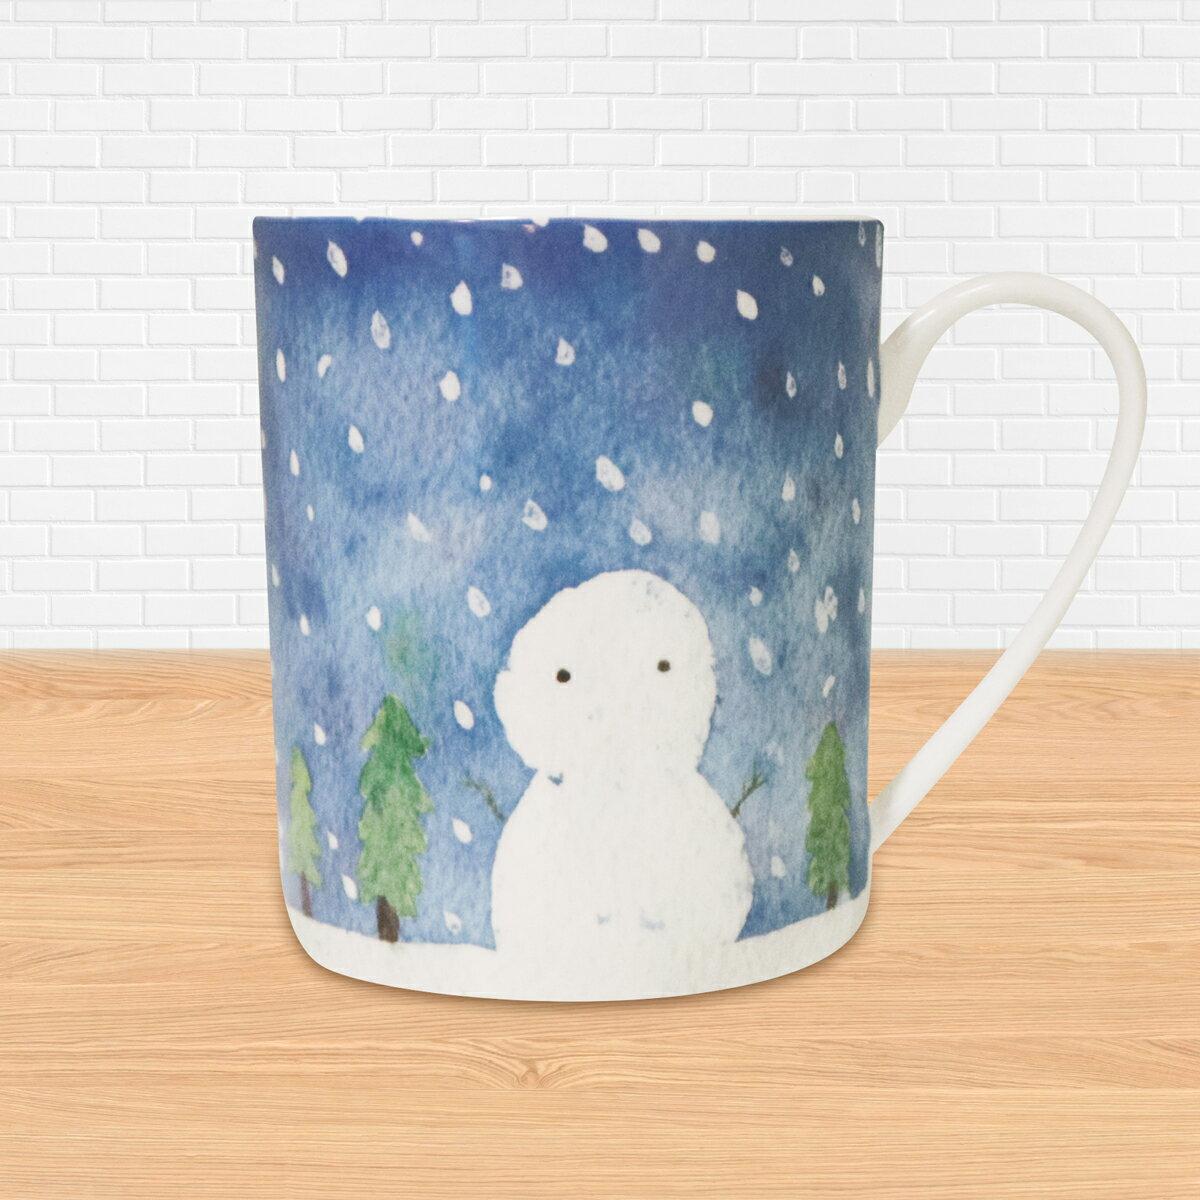 《陶緣彩瓷》水彩手繪雪人-骨瓷馬克杯 / 手繪 / 雪人 / 聖誕節 / 交換禮物 / 可加購客製名字 / 可微波 / 通過SGS